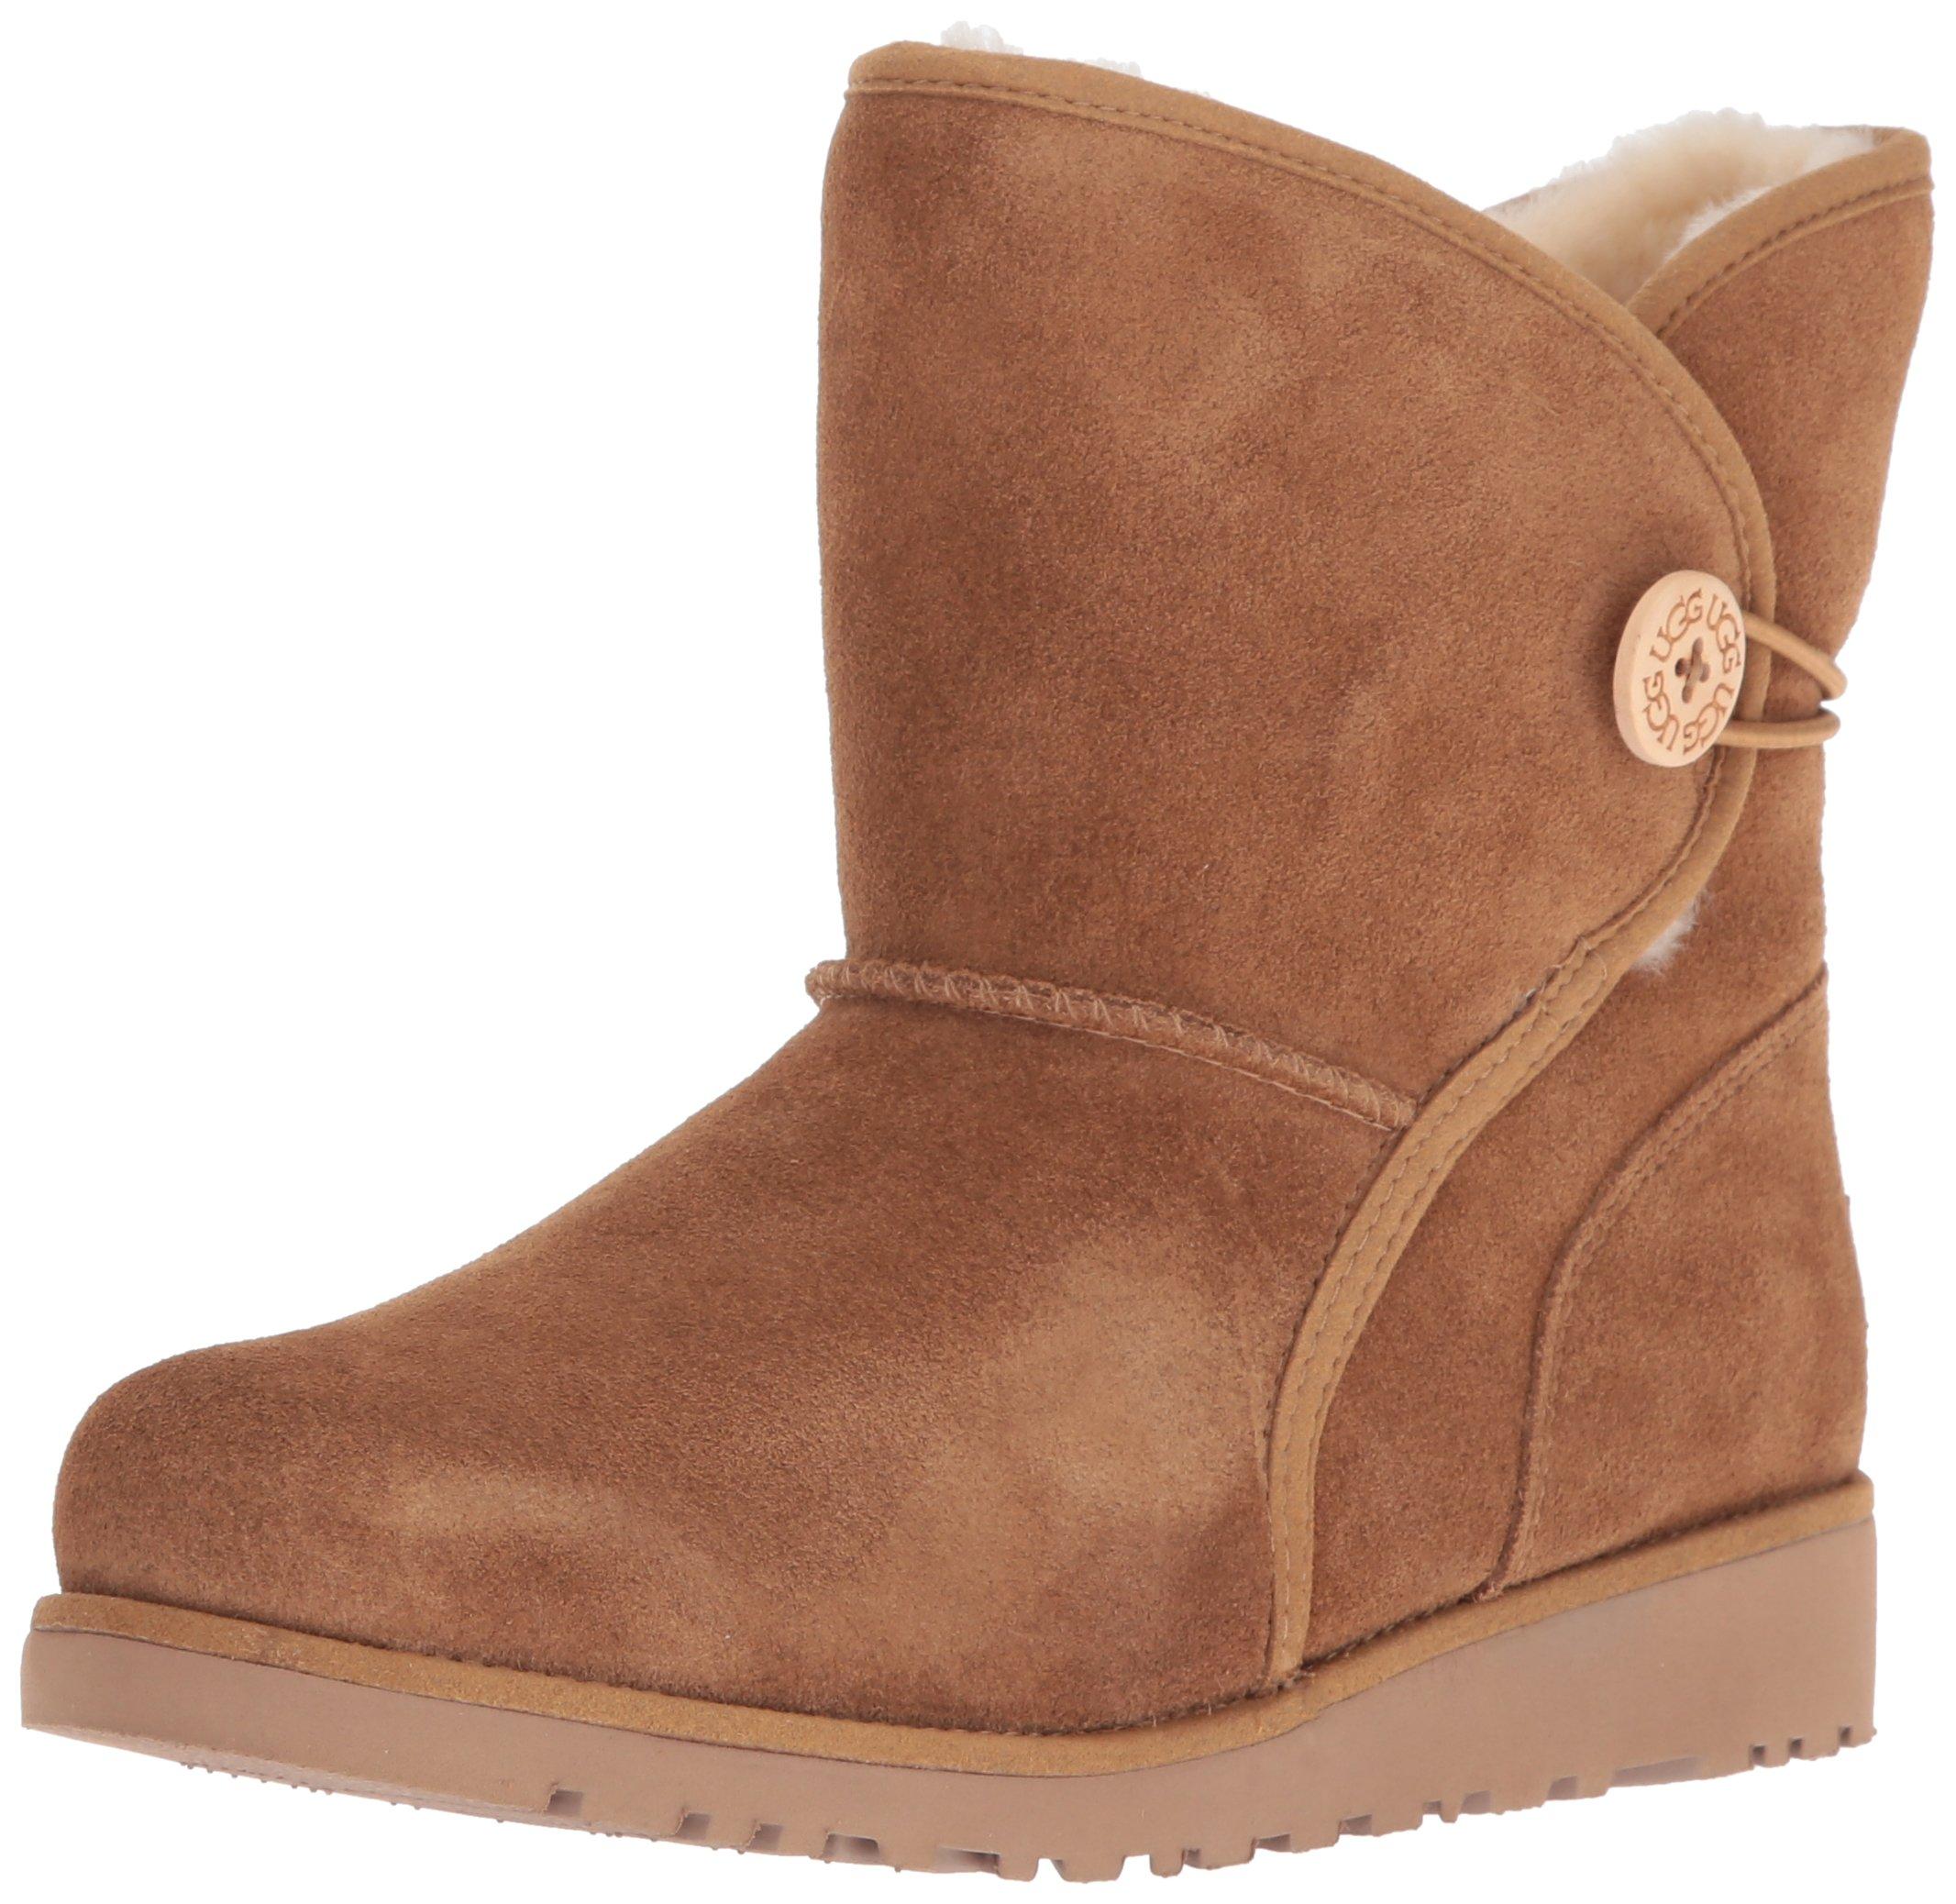 UGG Girls Y Fabian Pull-On Boot, Chestnut, 5 M US Big Kid